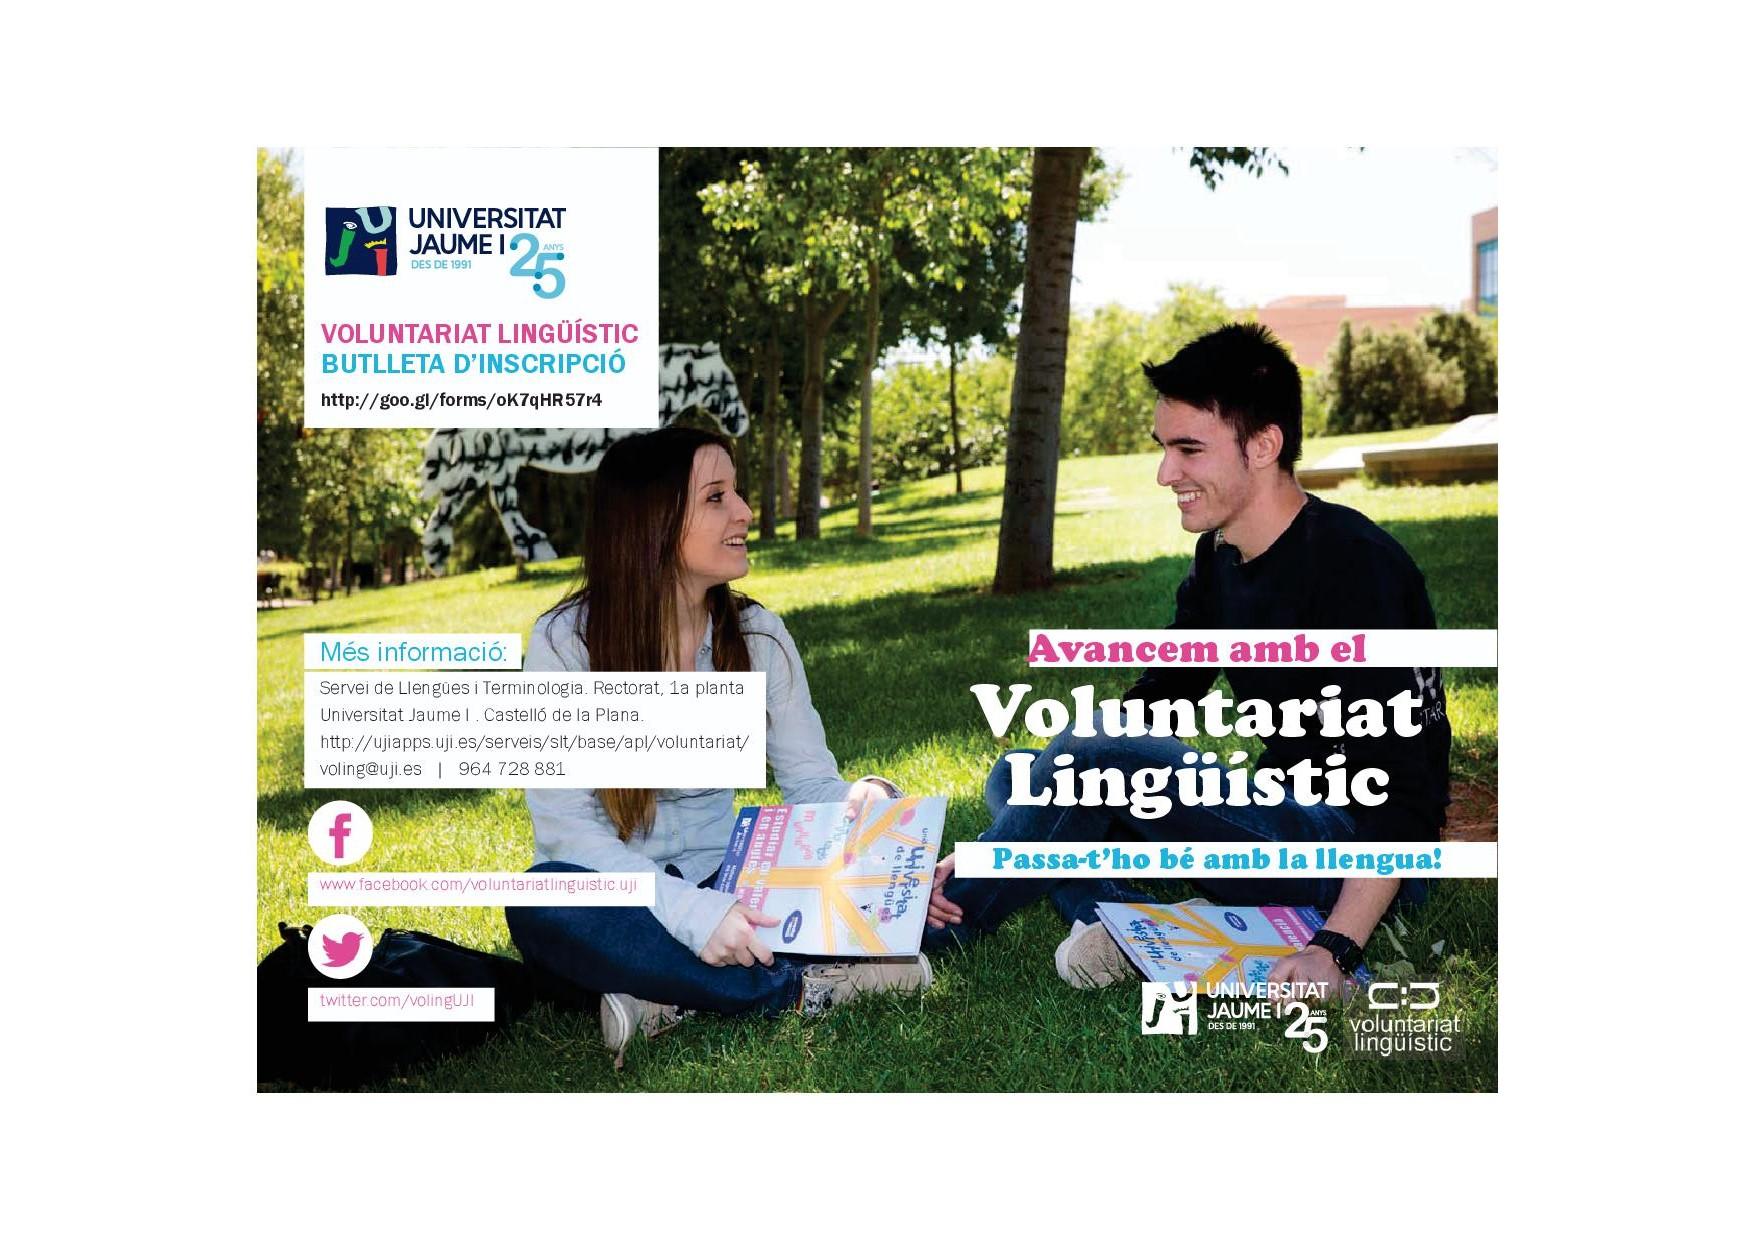 Cartell del Voluntariat lingüístic 2015